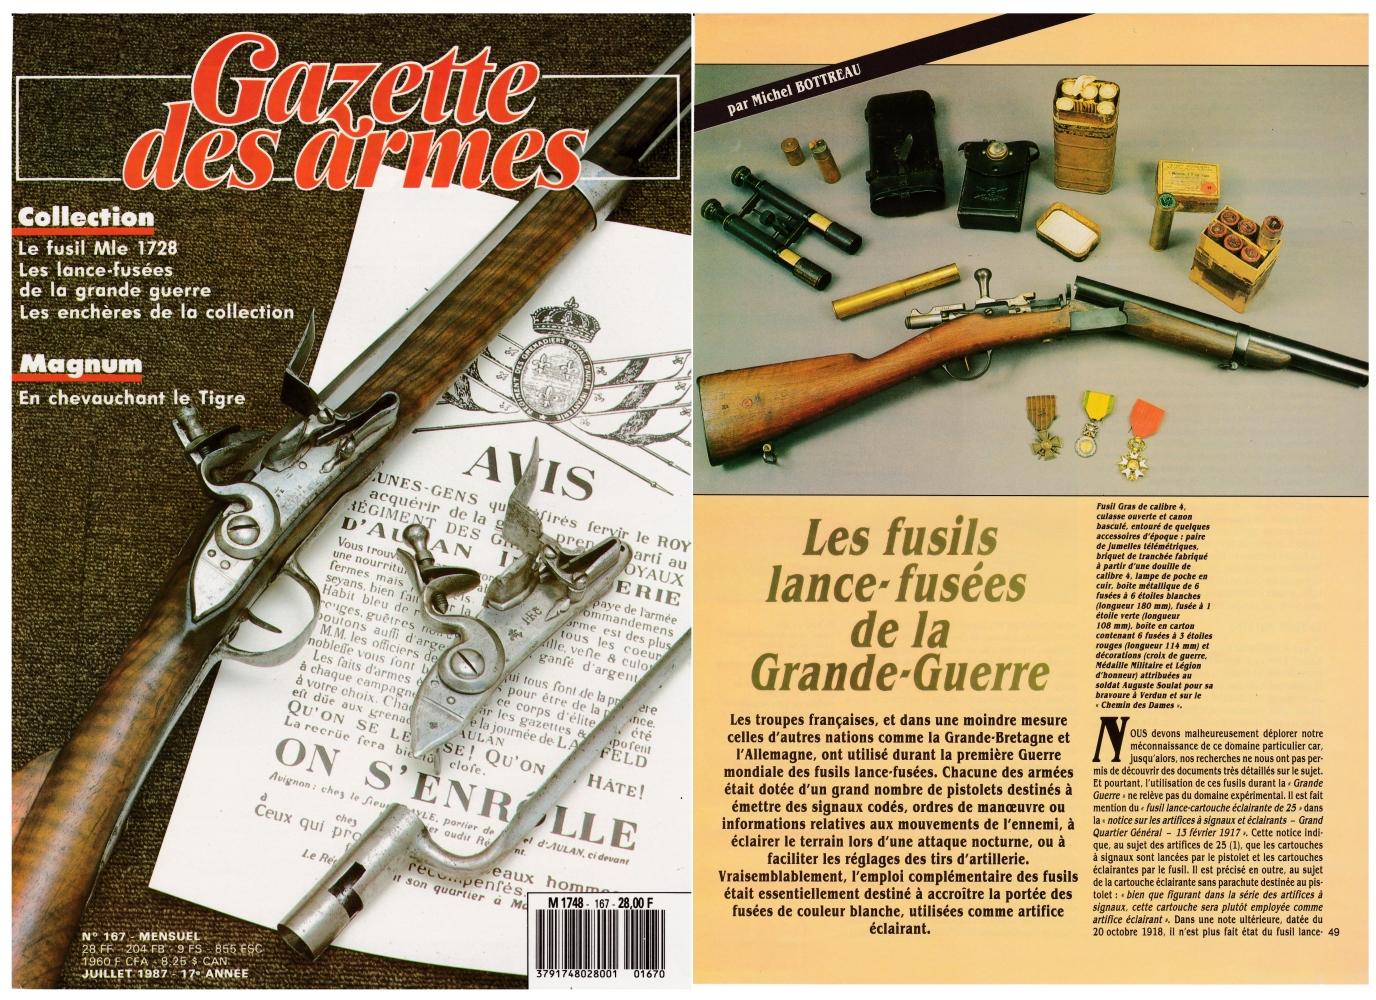 Les fusils lance-fusées de la Première Guerre mondiale ont fait l'objet d'une publication sur 6 pages dans le magazine Gazette des Armes n°167 (juillet 1987).